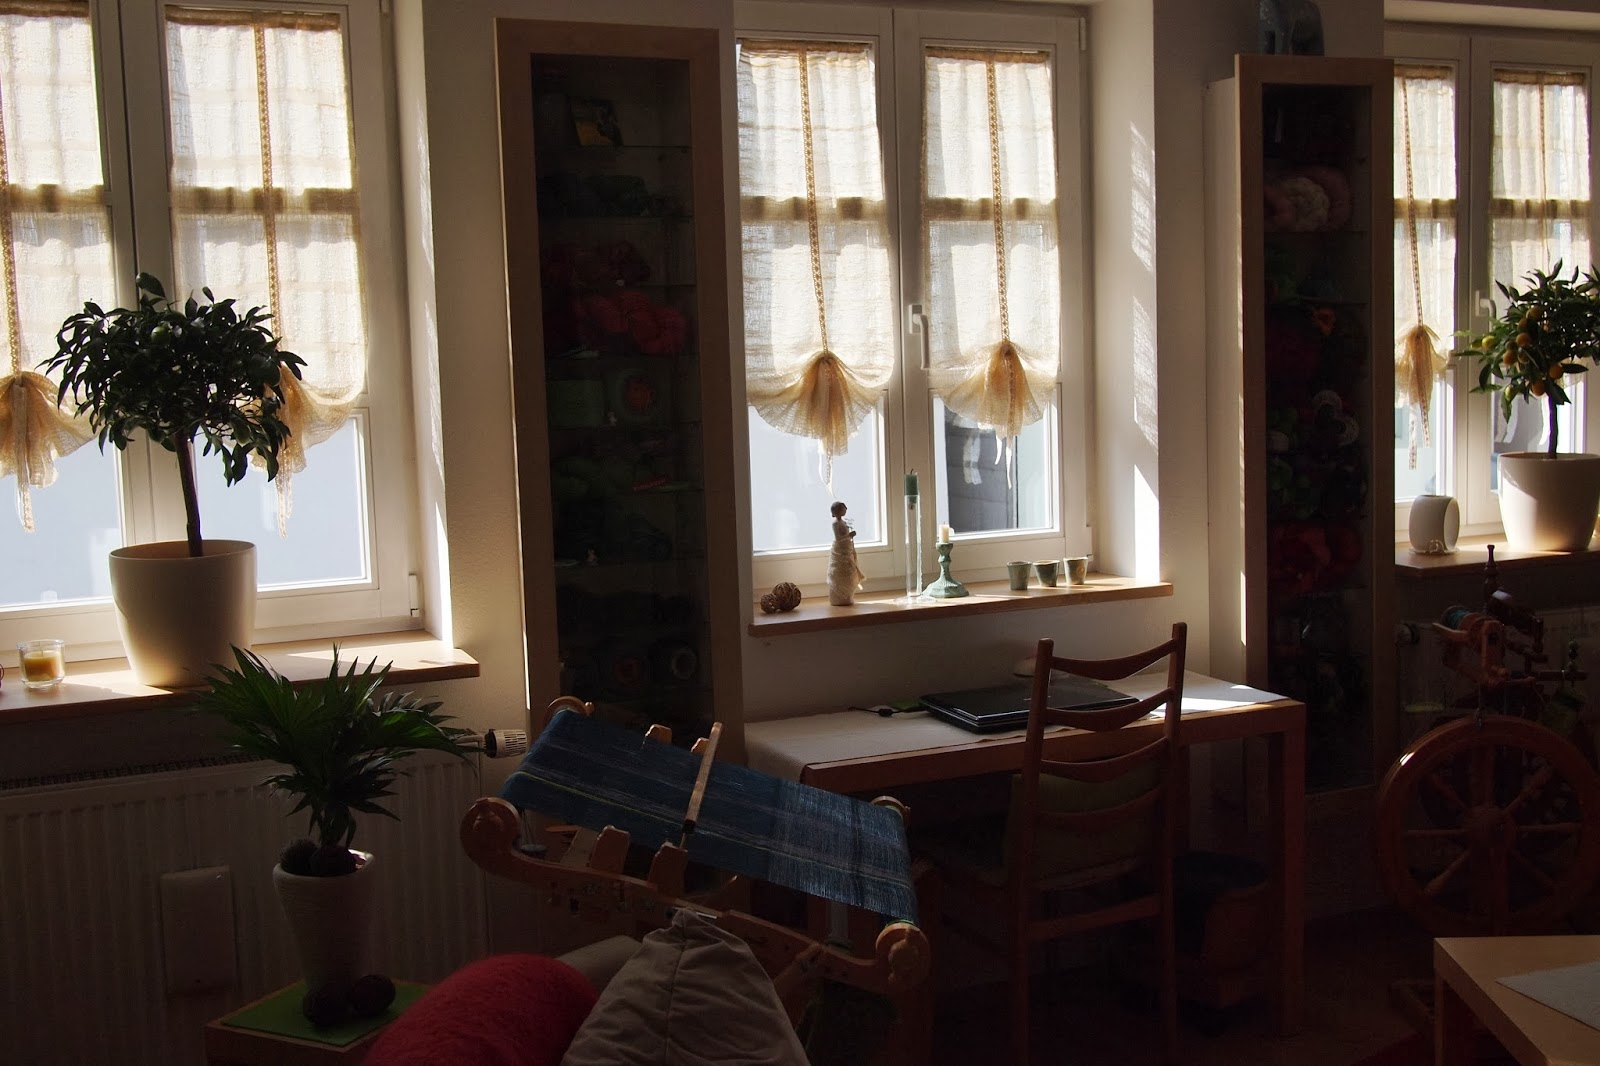 Full Size of Gardinen Doppelfenster Einfach Mal Machen Scheibengardinen Küche Wohnzimmer Für Die Schlafzimmer Fenster Wohnzimmer Gardinen Doppelfenster